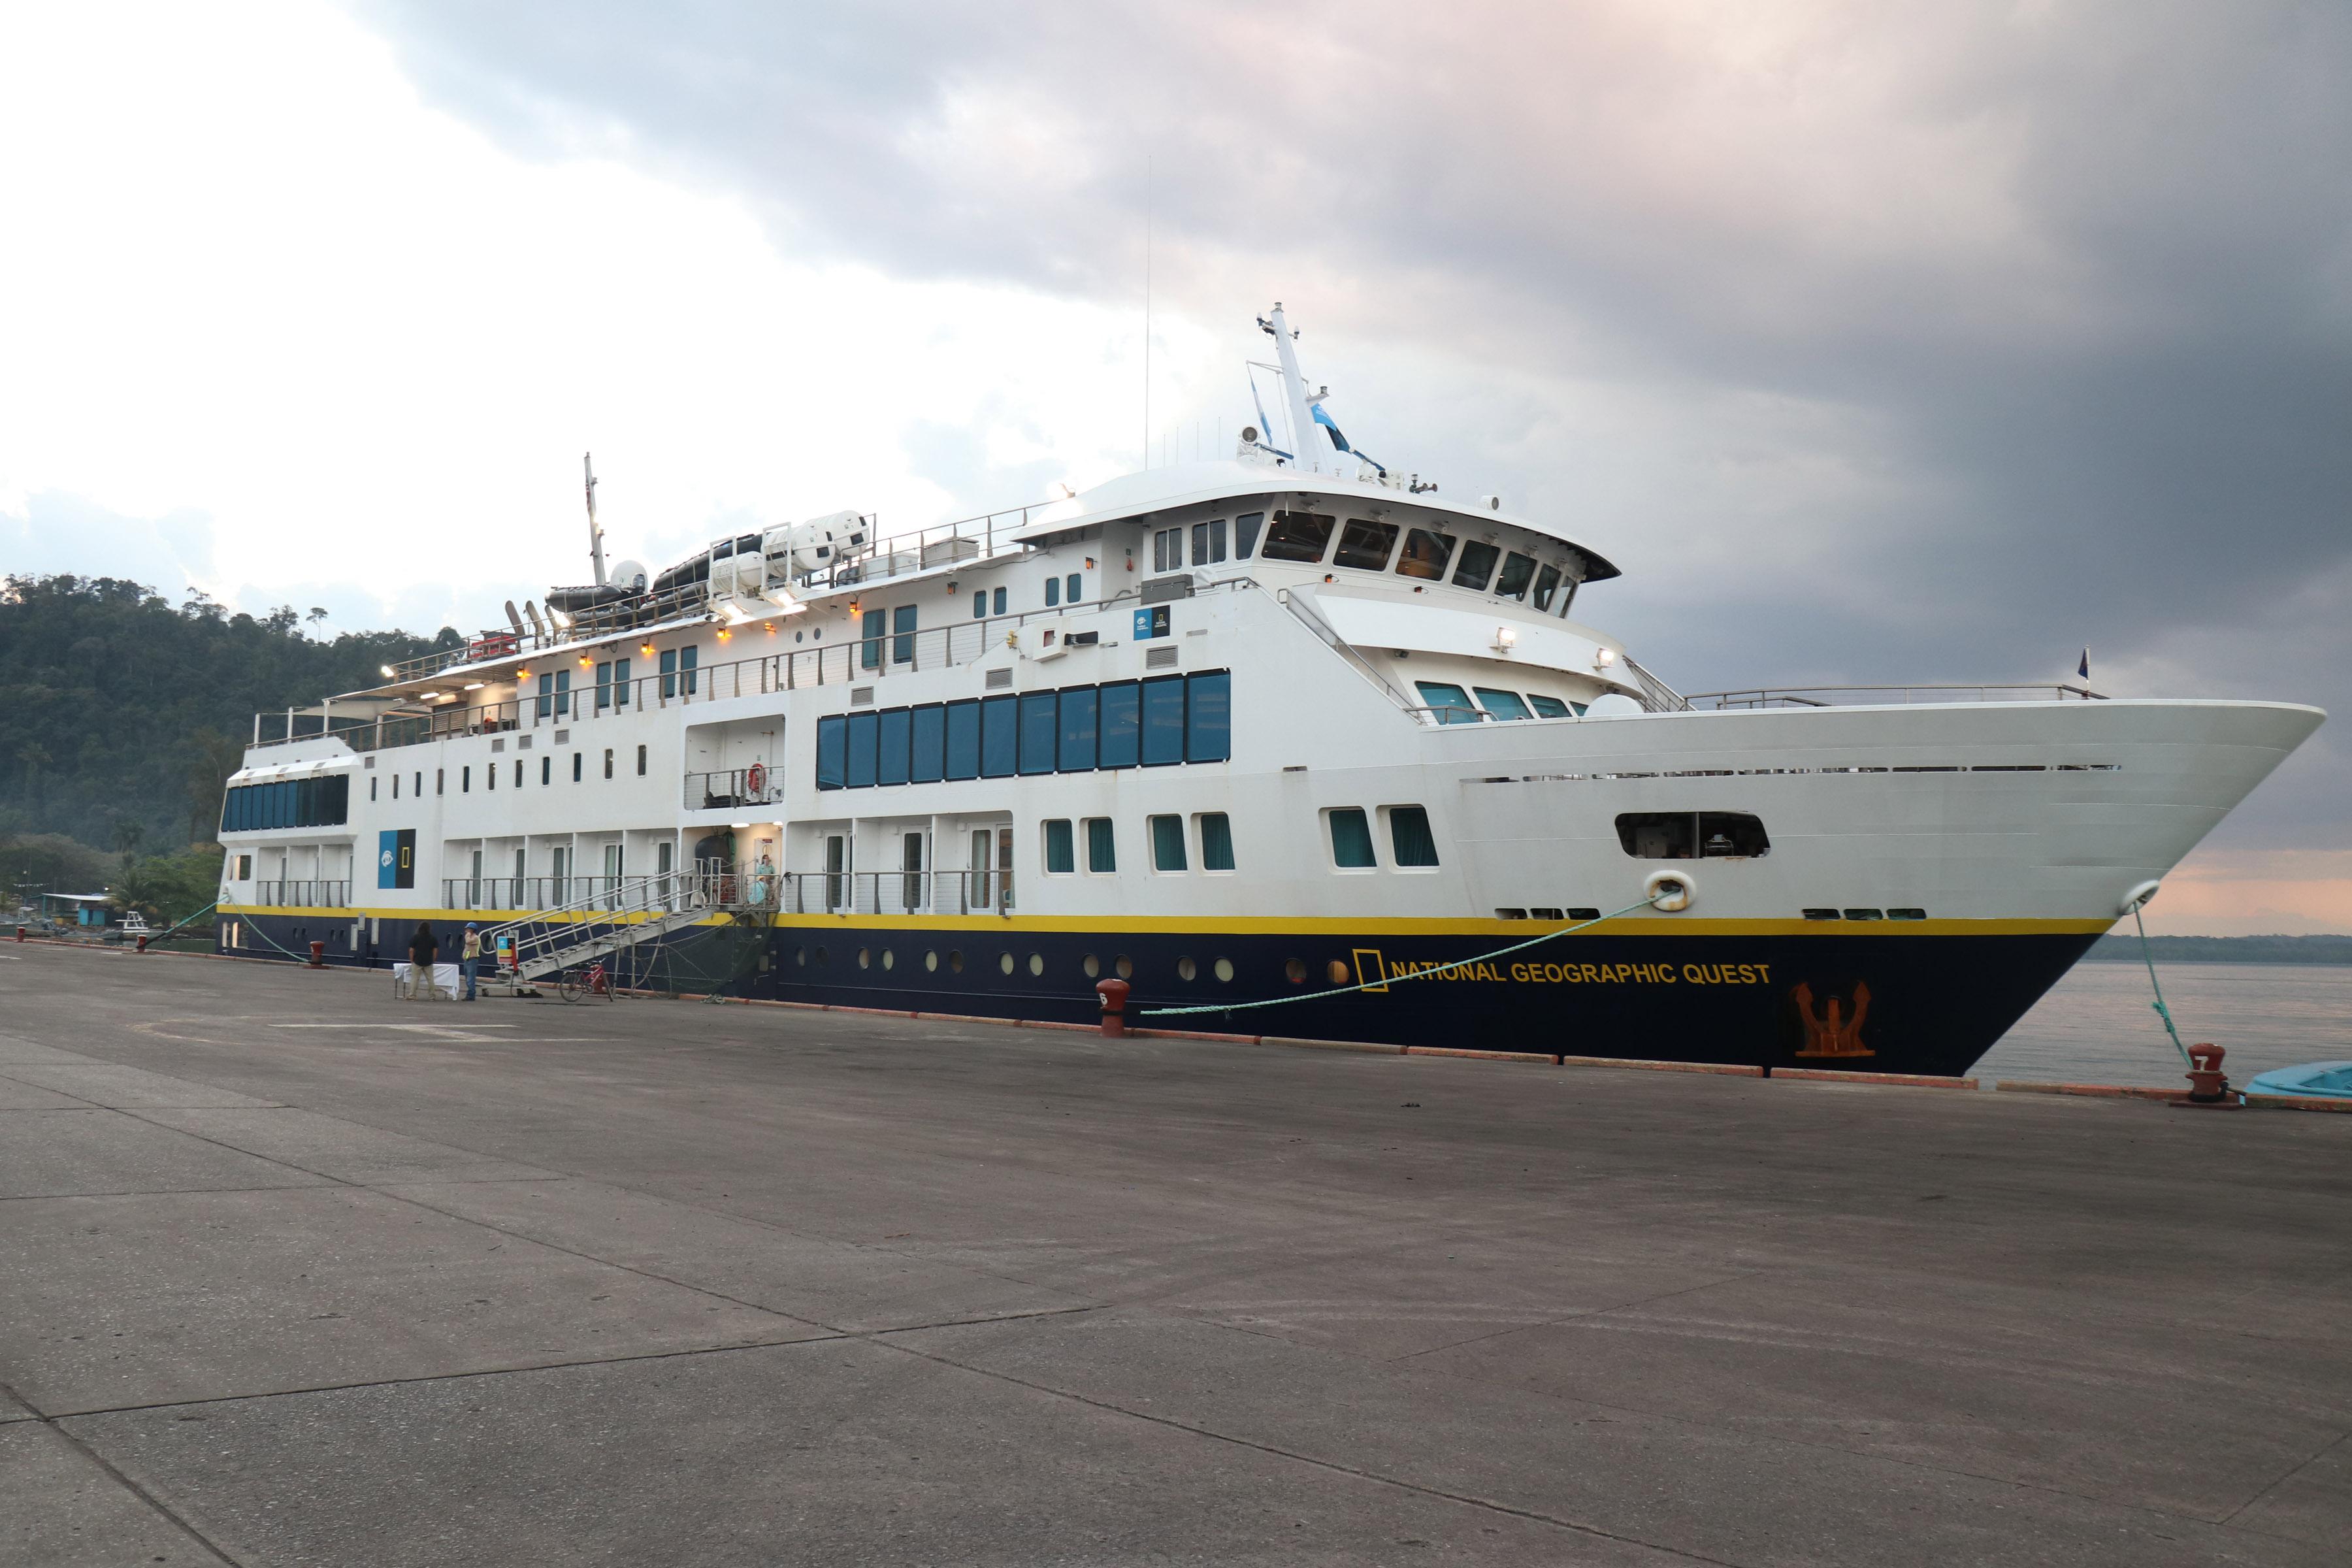 El crucero de expedición National Geographic Quest abordó 96 turistas en el Puerto Santo Tomás de Castilla, Puerto Barrios, Izabal. (Foto Prensa Libre: Dony Stewart)